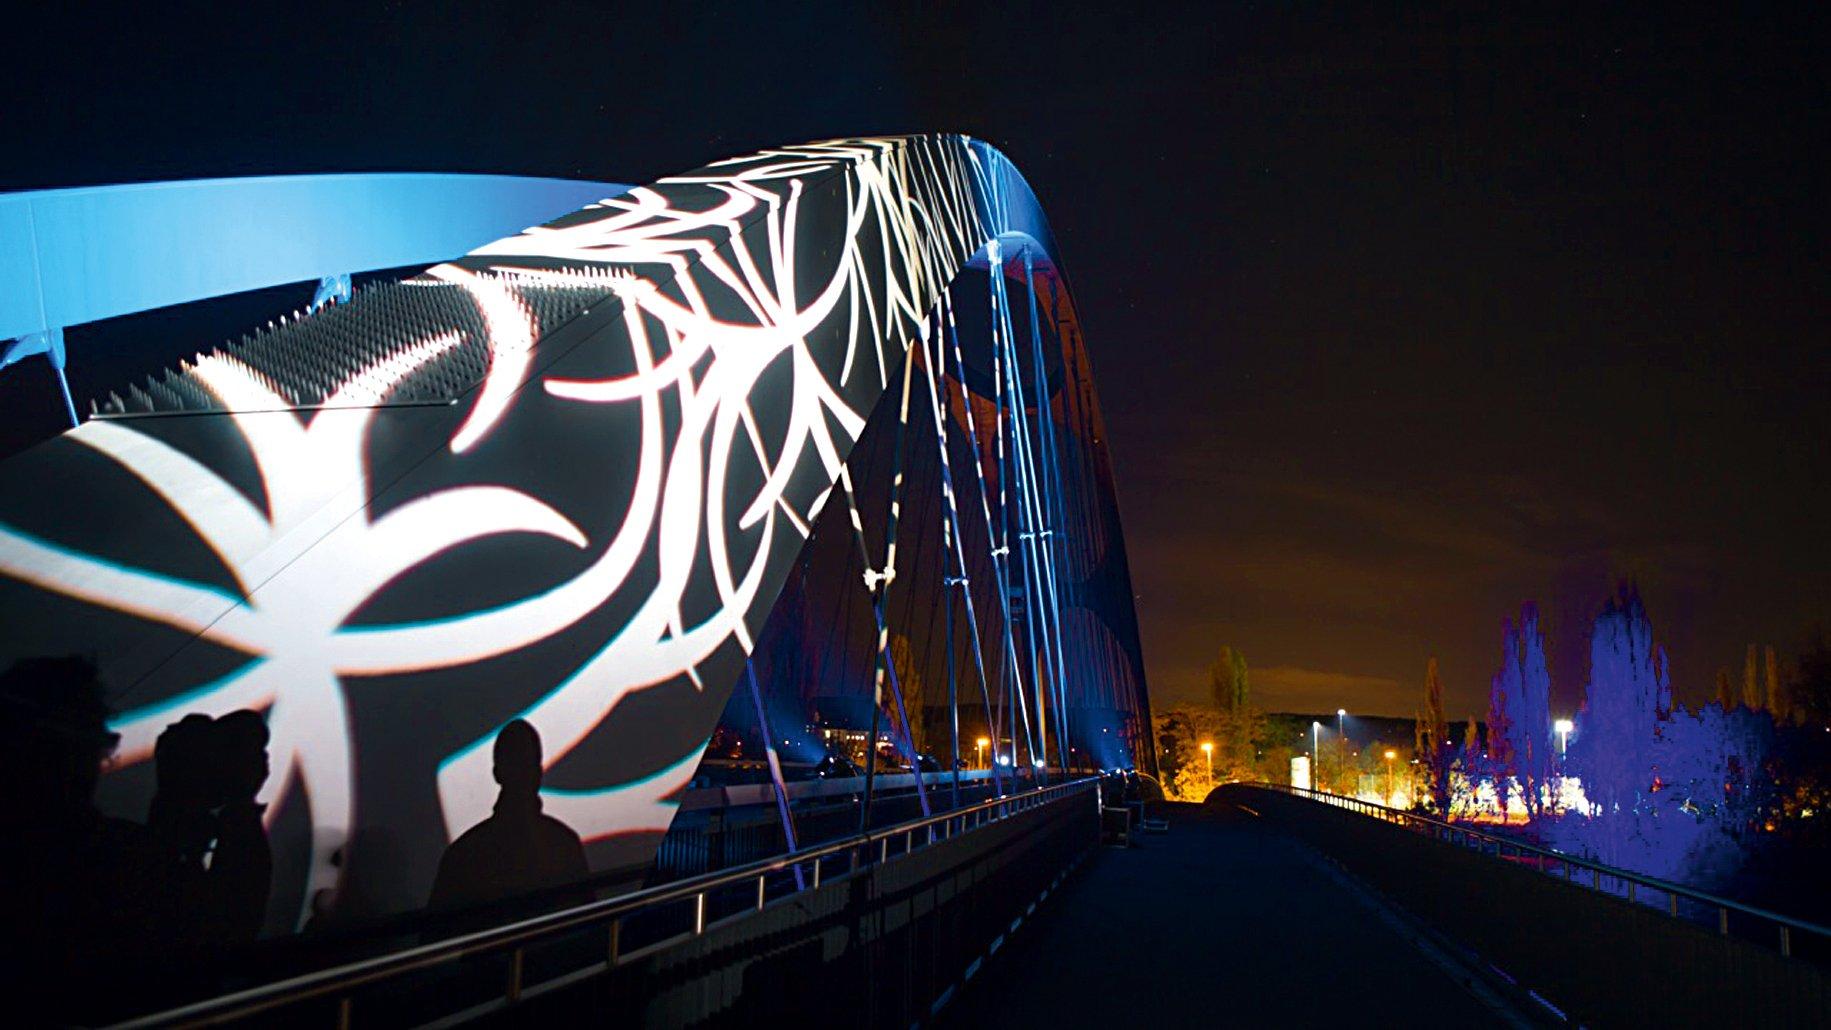 Osthafenbrücke über den Main: Die Luminale sorgt für spektakuläre Effekte in der ganzen Stadt.